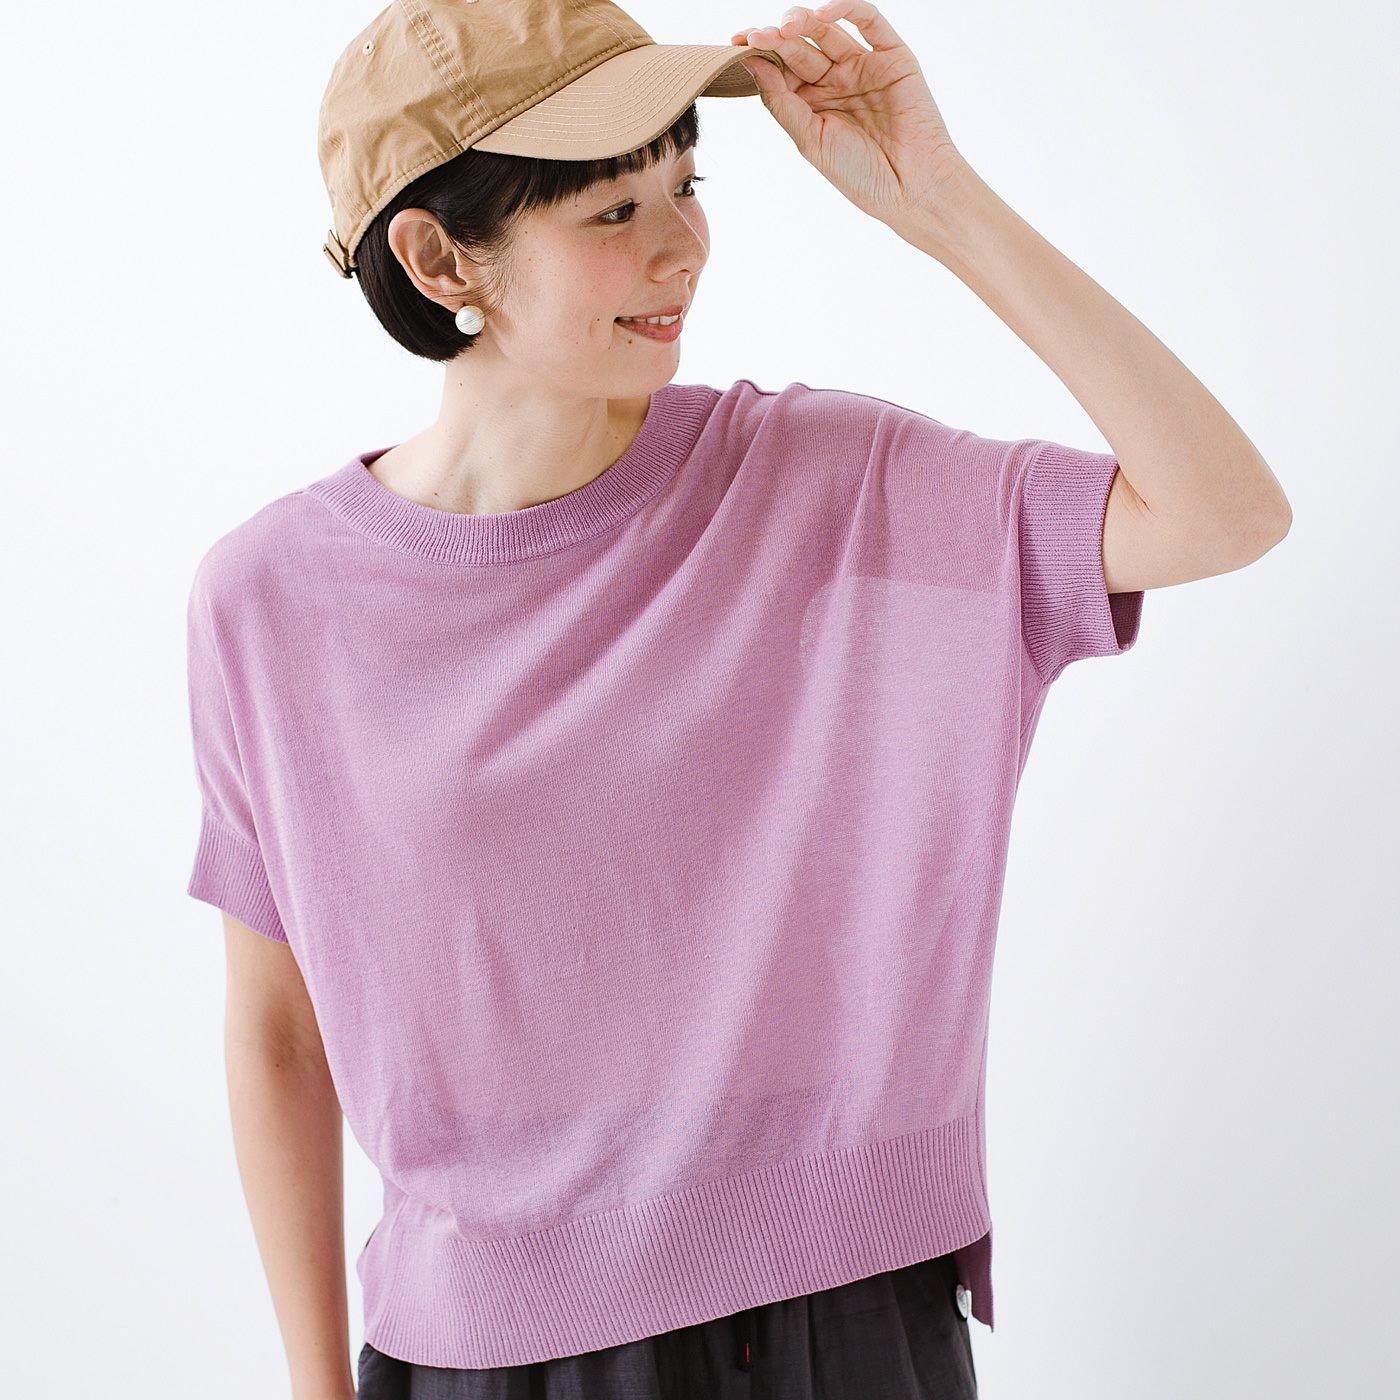 フラウグラット 大人のTシャツ代わりに毎日着たい 透け感が魅力の 麻混ニットトップス